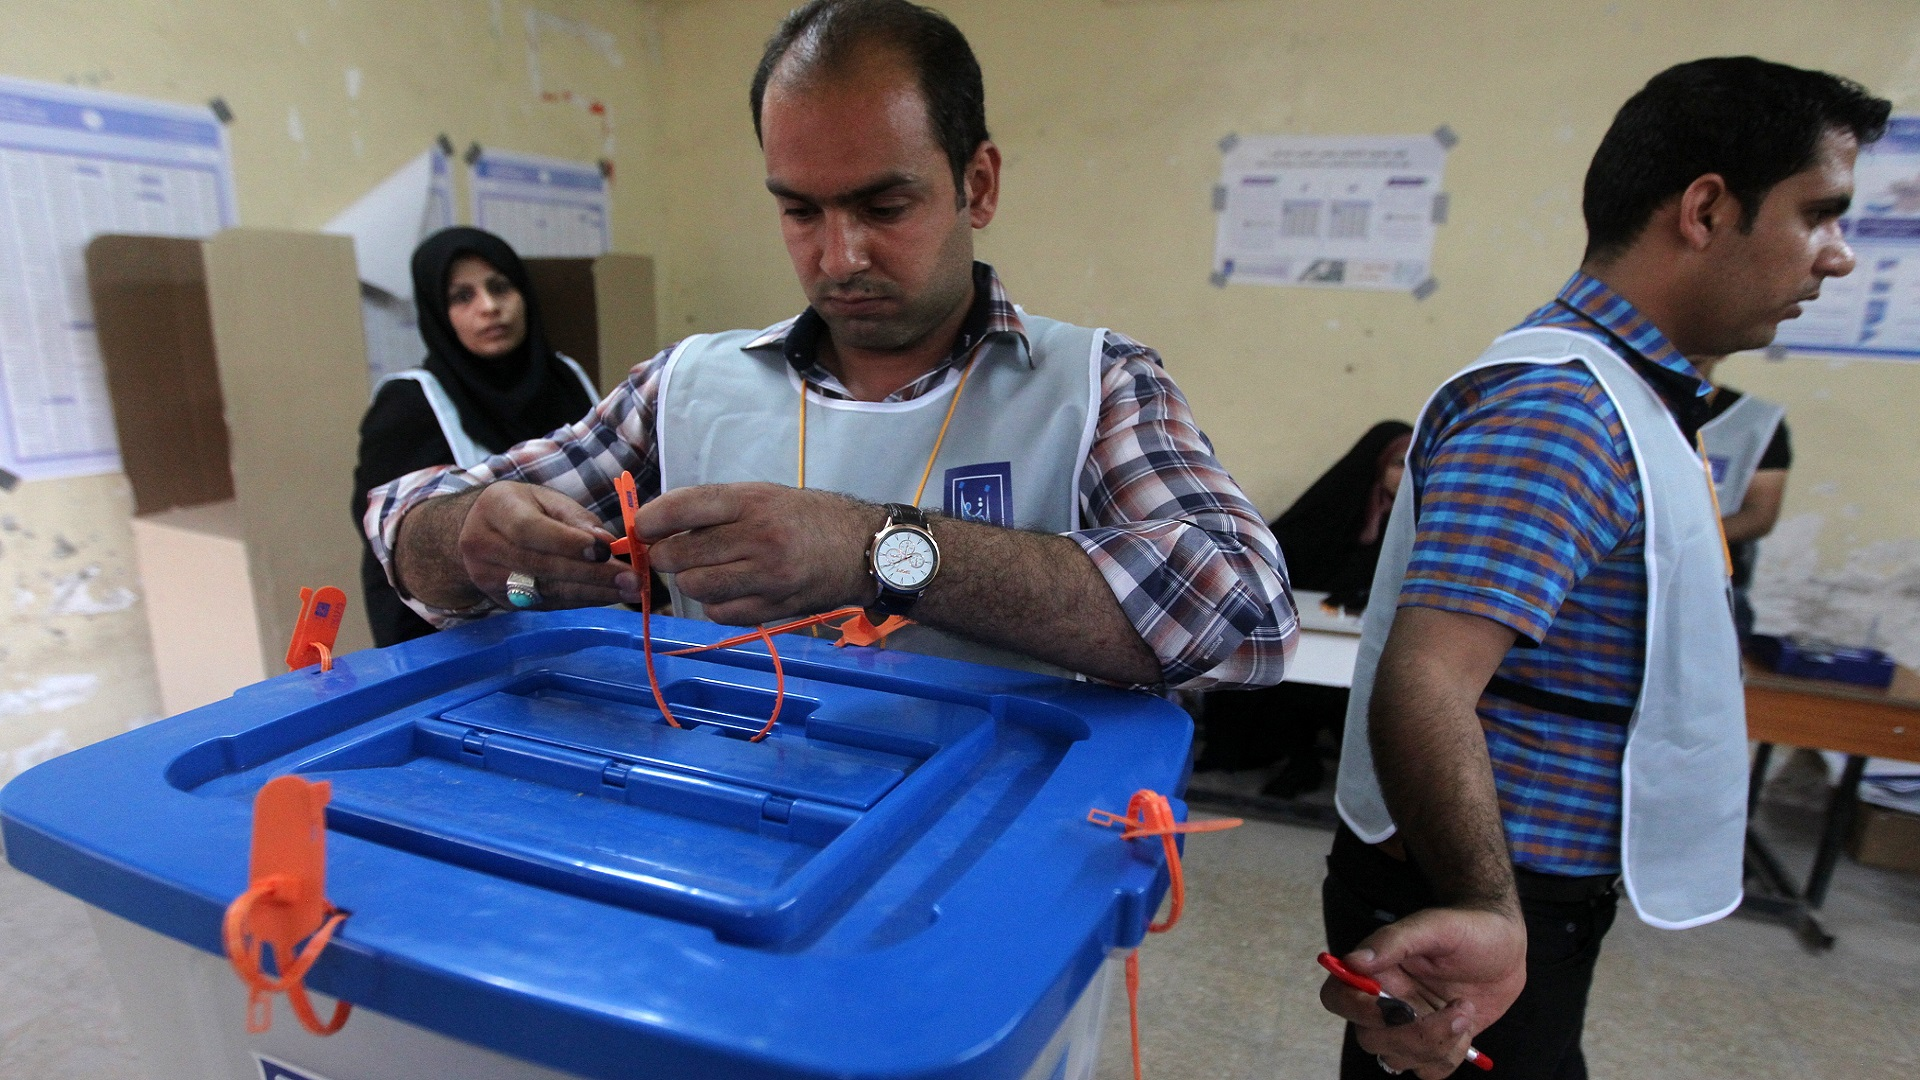 تعرف على اسماء الاحزاب المشاركة في الانتخابات المقبلة